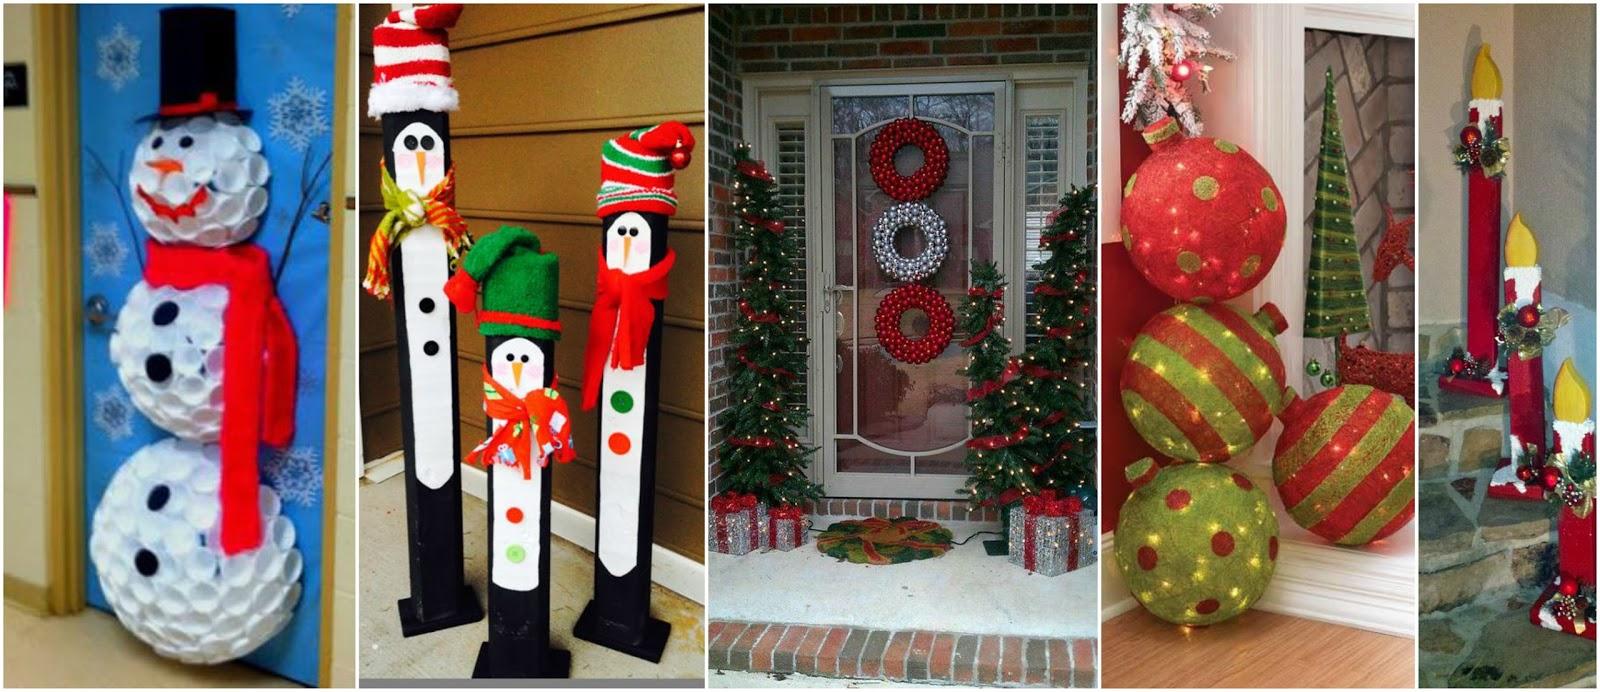 8 ideas de adornos navide os que van en la entrada de la for Adorno navidad puerta entrada